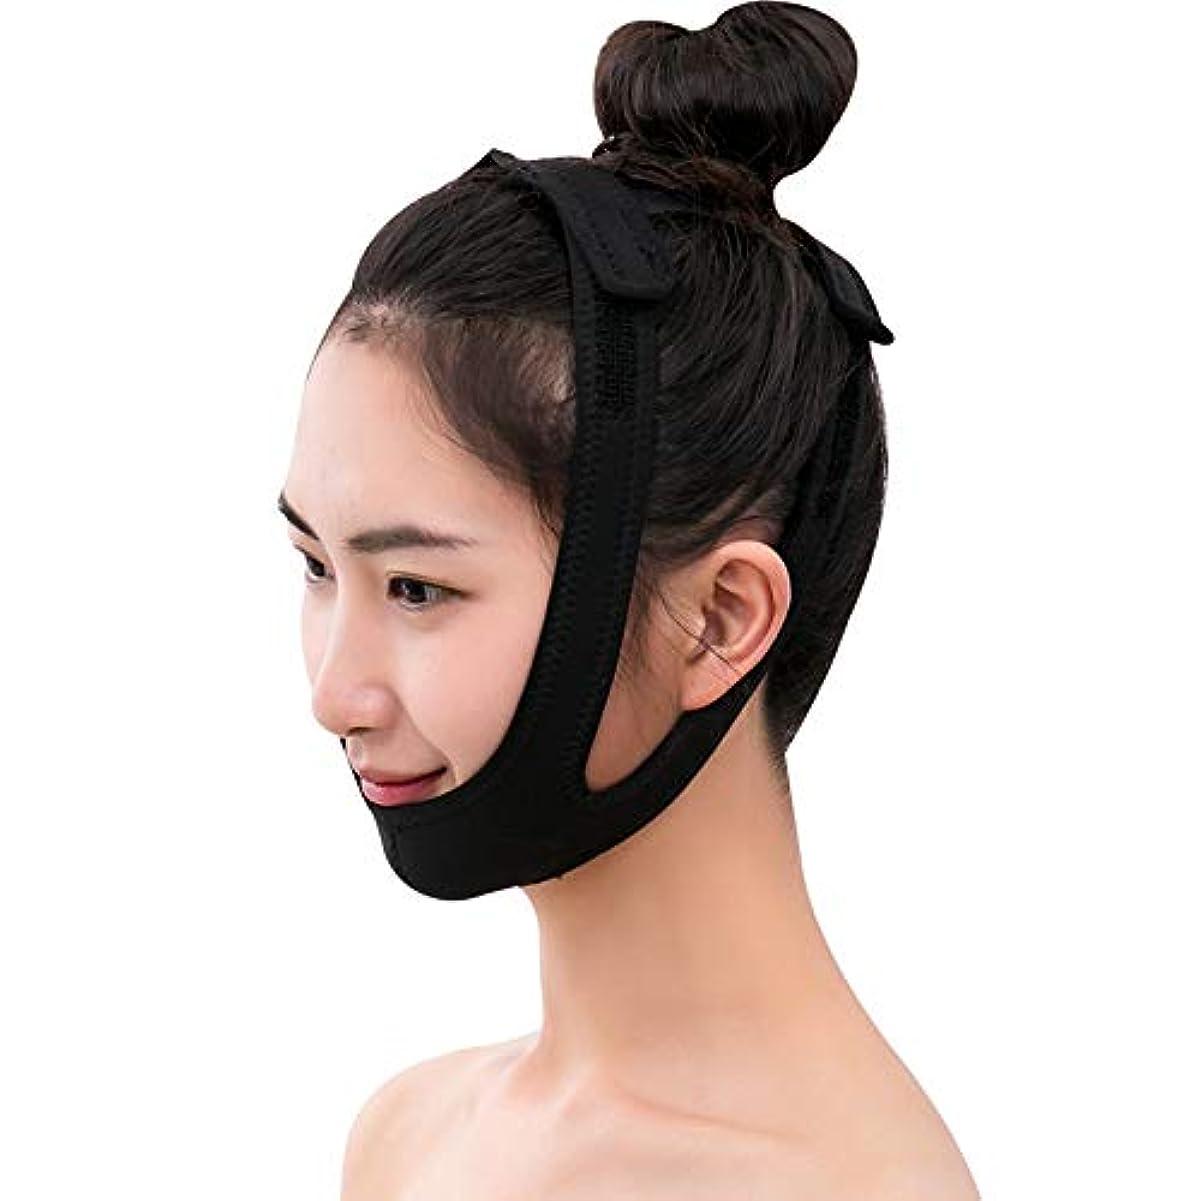 キルトビルマ自動Jia Jia- フェイシャルリフティング痩身ベルト圧縮二重あご減量ベルトスキンケア薄い顔包帯二重あごワークアウト 顔面包帯